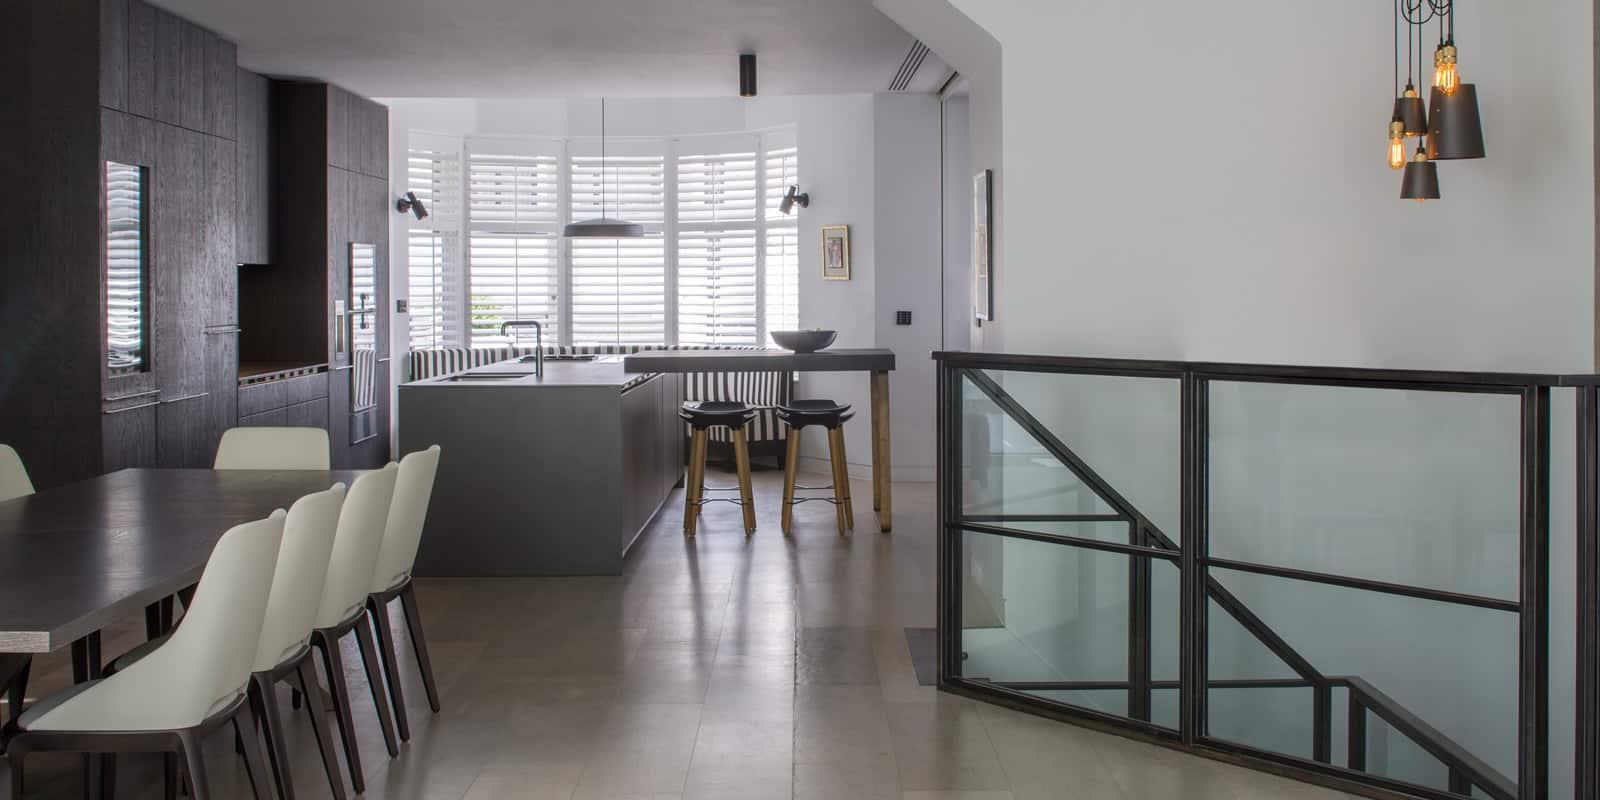 antrim grove open-plan kitchen dining roselind wilson design